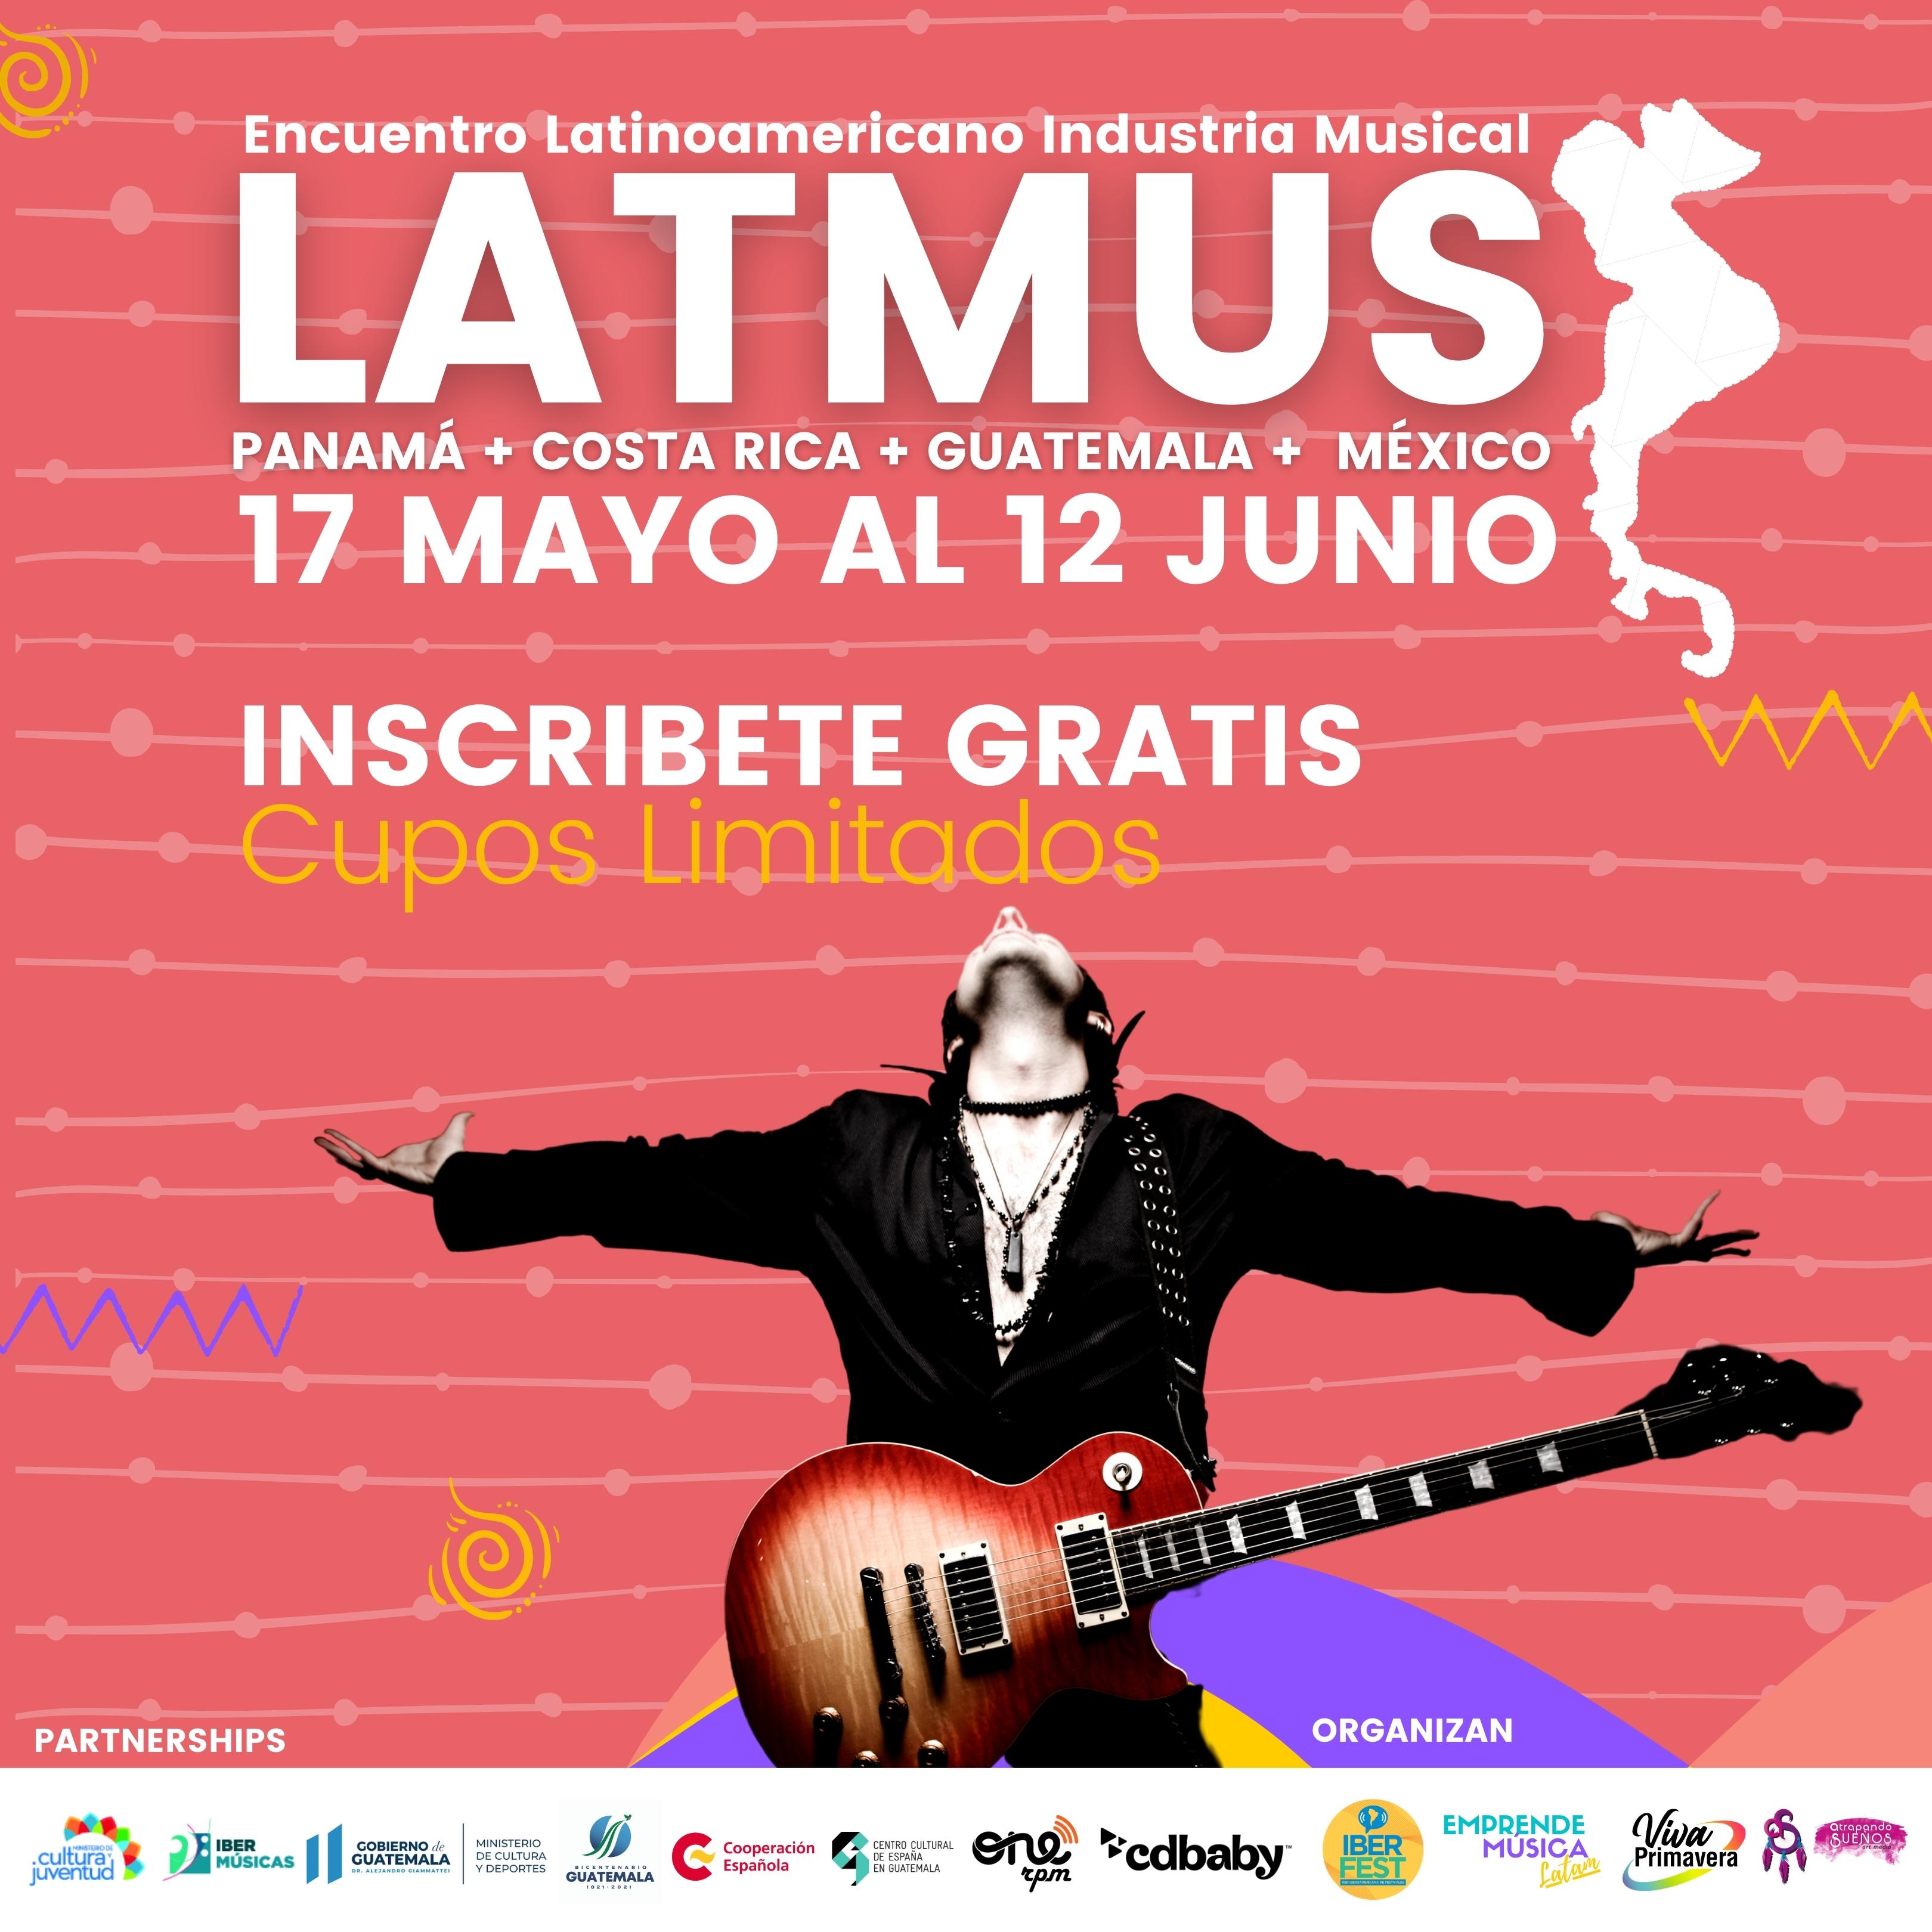 Tendrá lugar la tercera edición del Encuentro Latinoamericano Industria Musical 2021 con especial énfasis en Costa Rica, Guatemala, Panamá y México